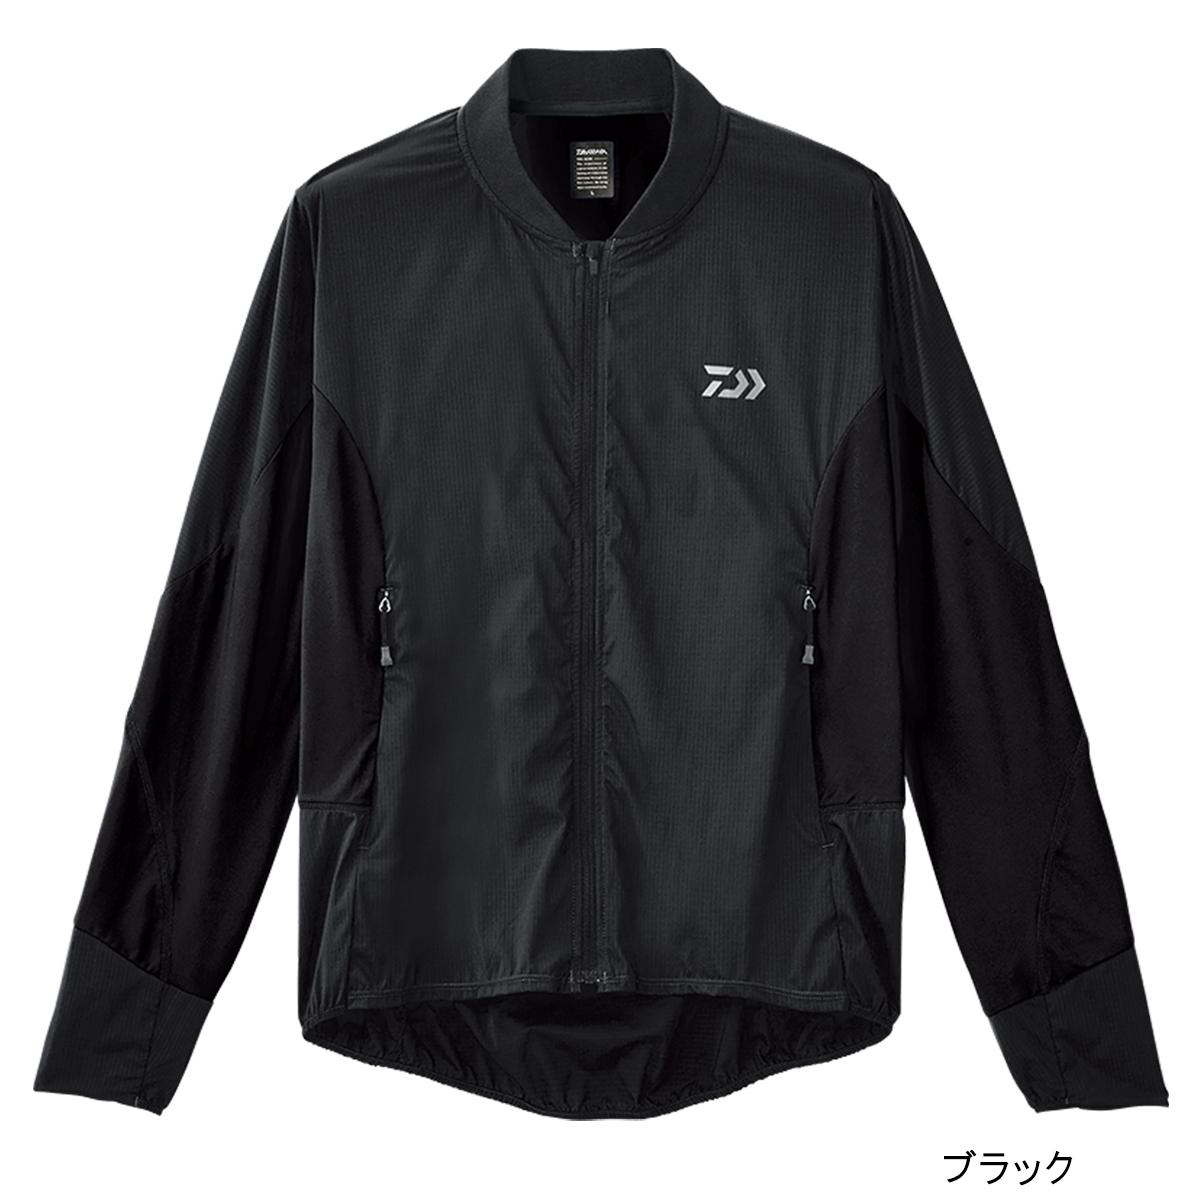 ダイワ ストレッチハイブリッドジャケット DJ-35008 2XL ブラック【送料無料】